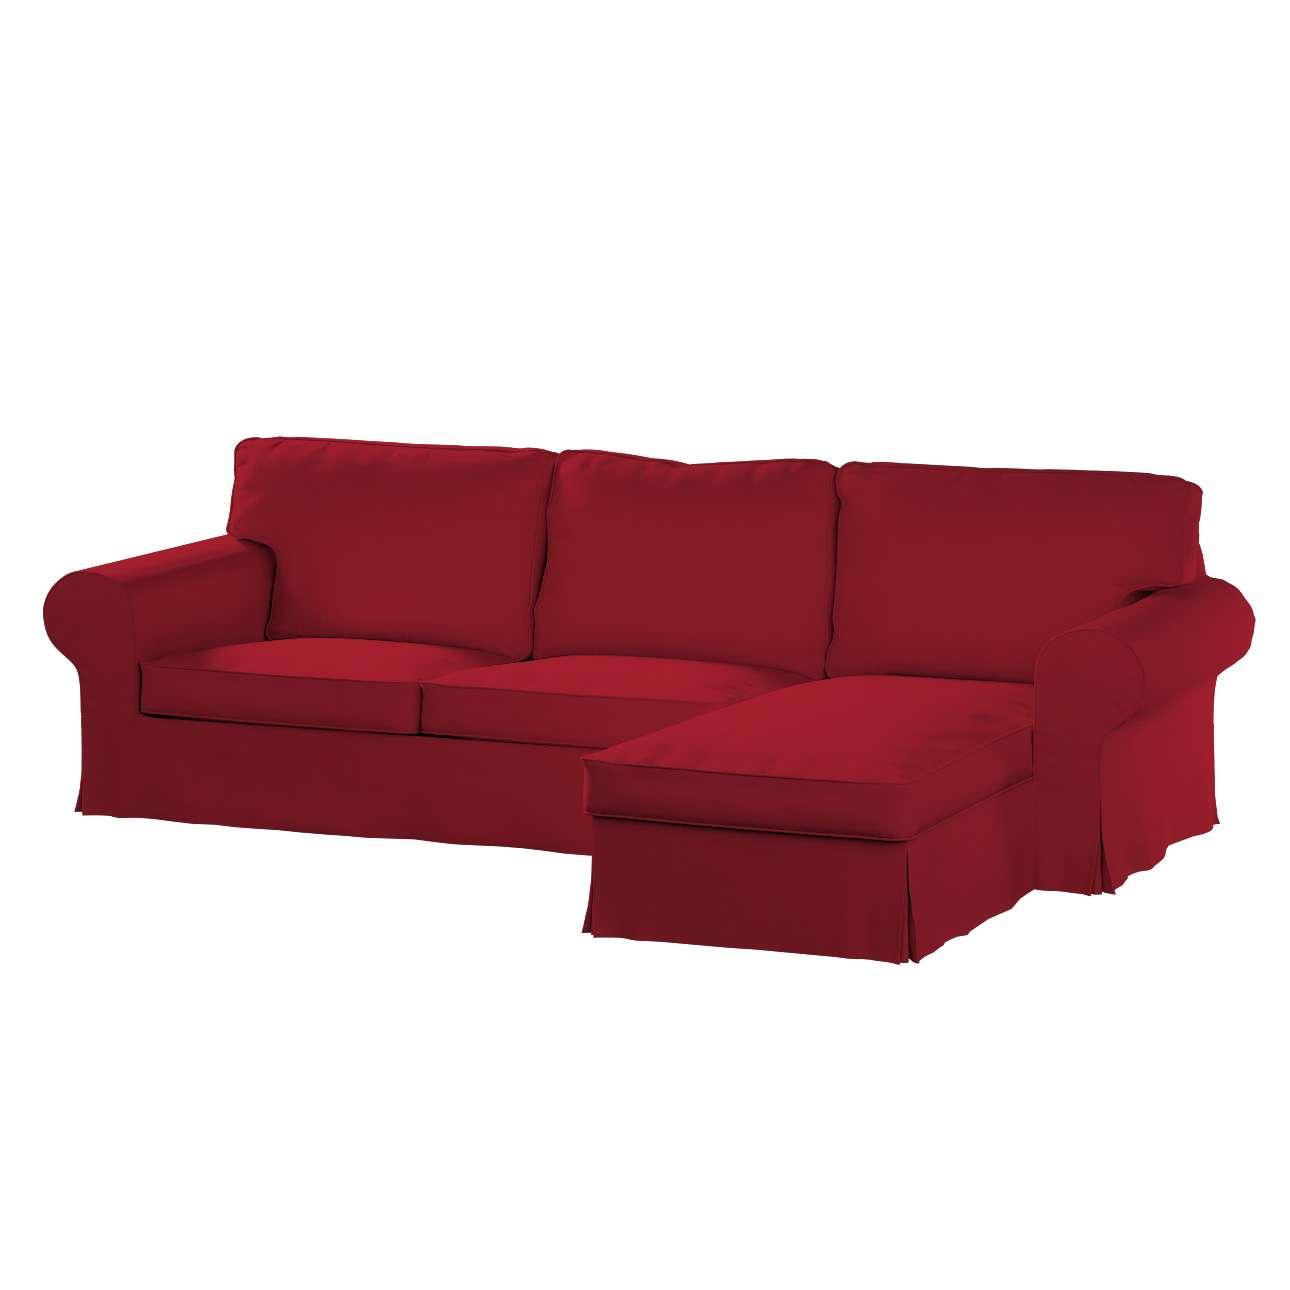 Pokrowiec na sofę Ektorp 2-osobową i leżankę sofa ektorp 2-os. i leżanka w kolekcji Chenille, tkanina: 702-24